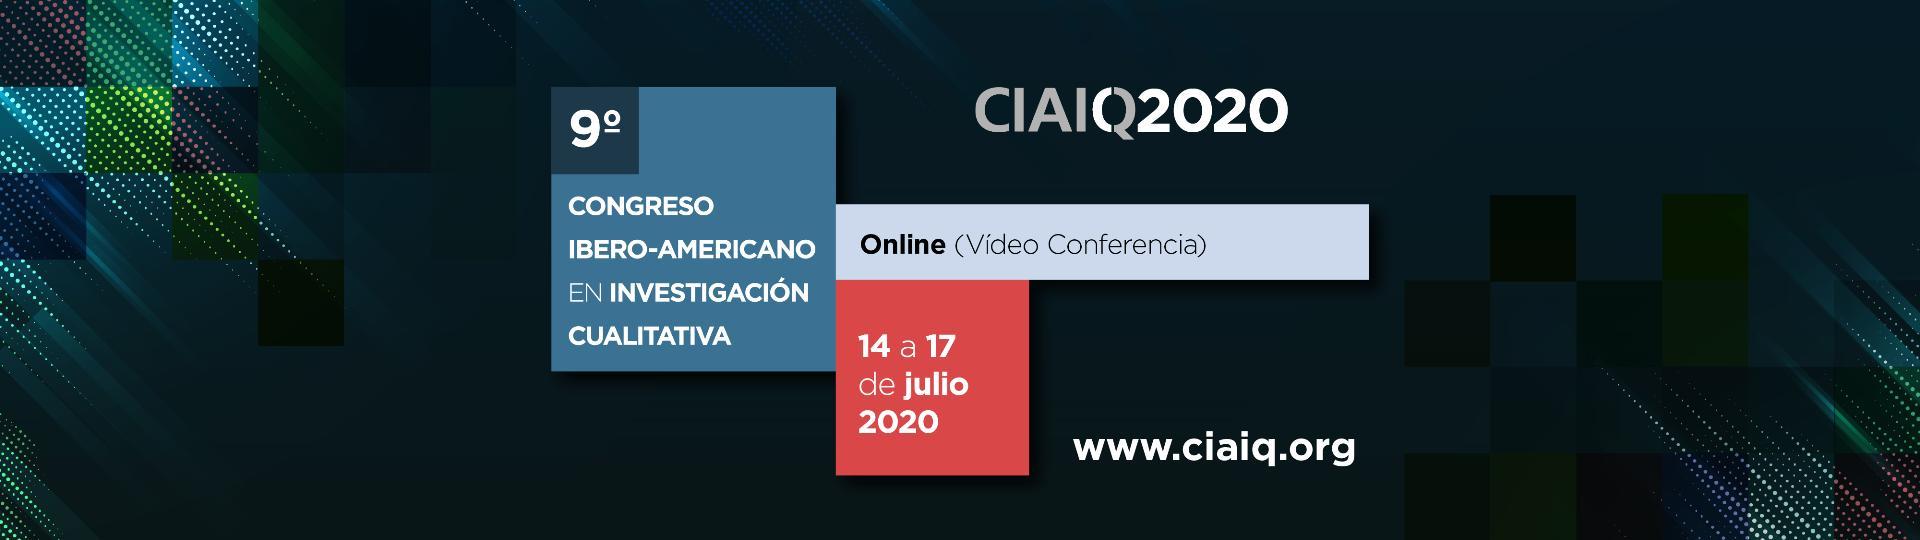 CIAIQ2020